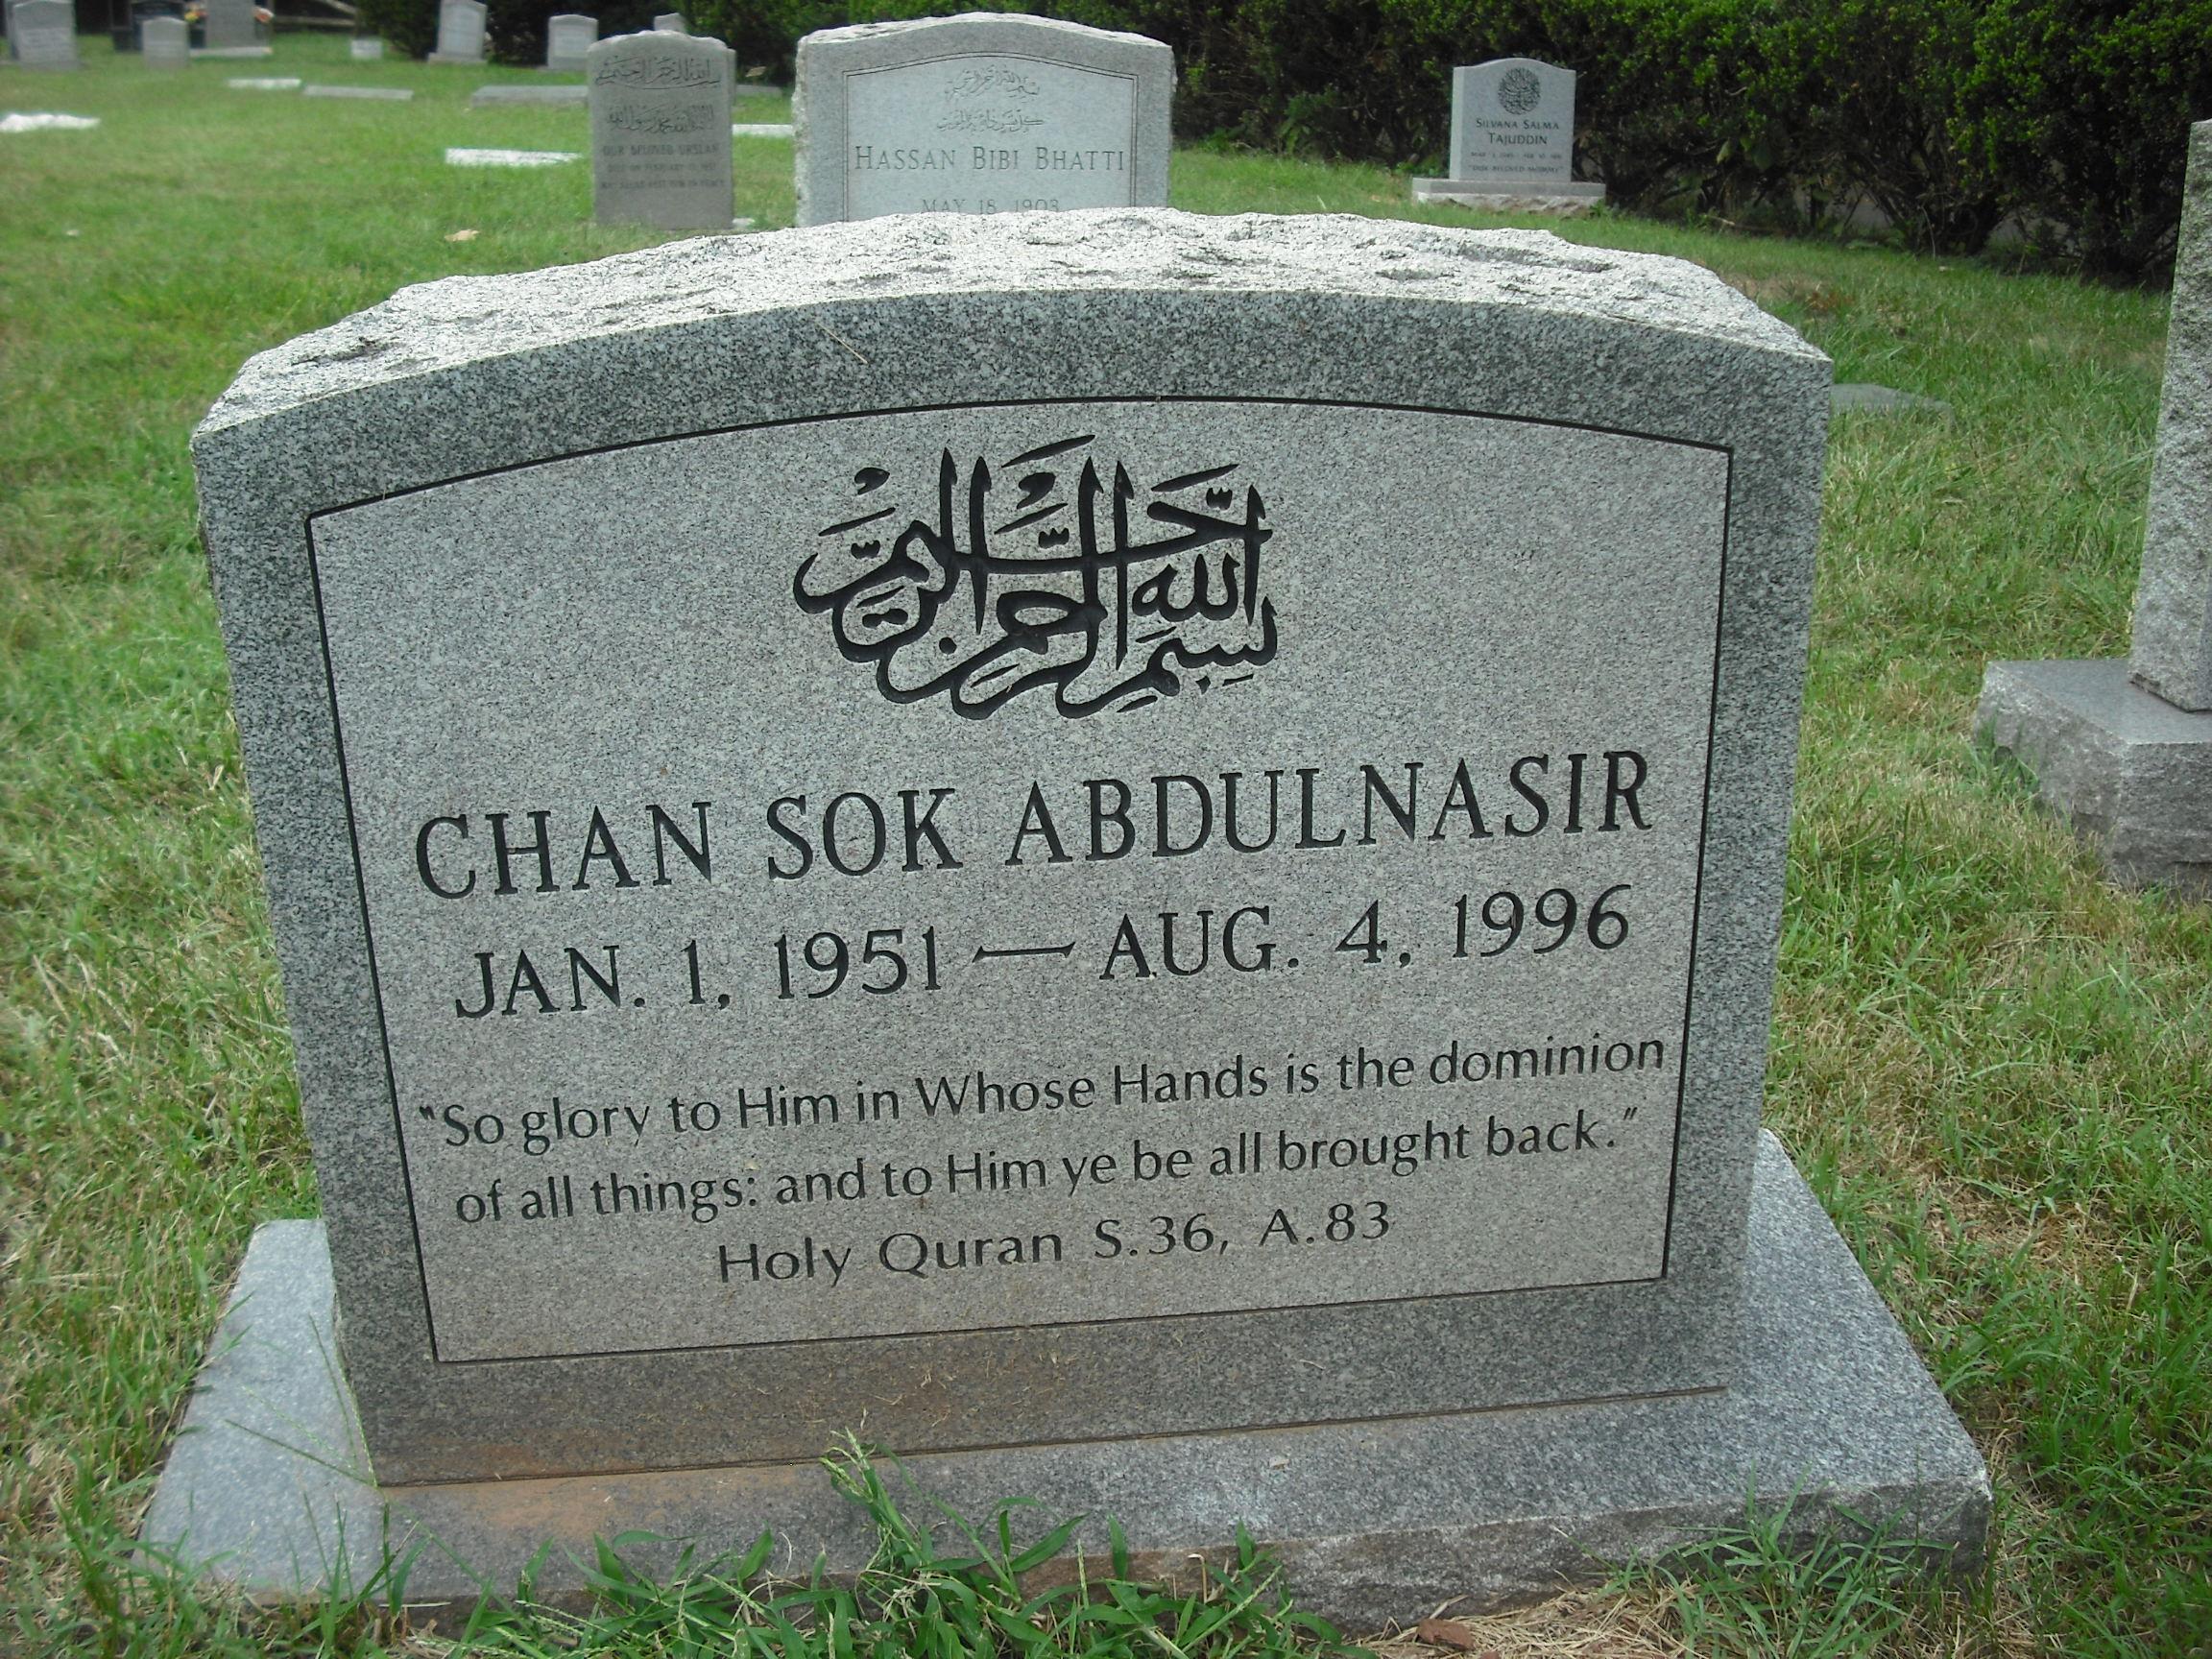 Chan Sok Abdulnasir